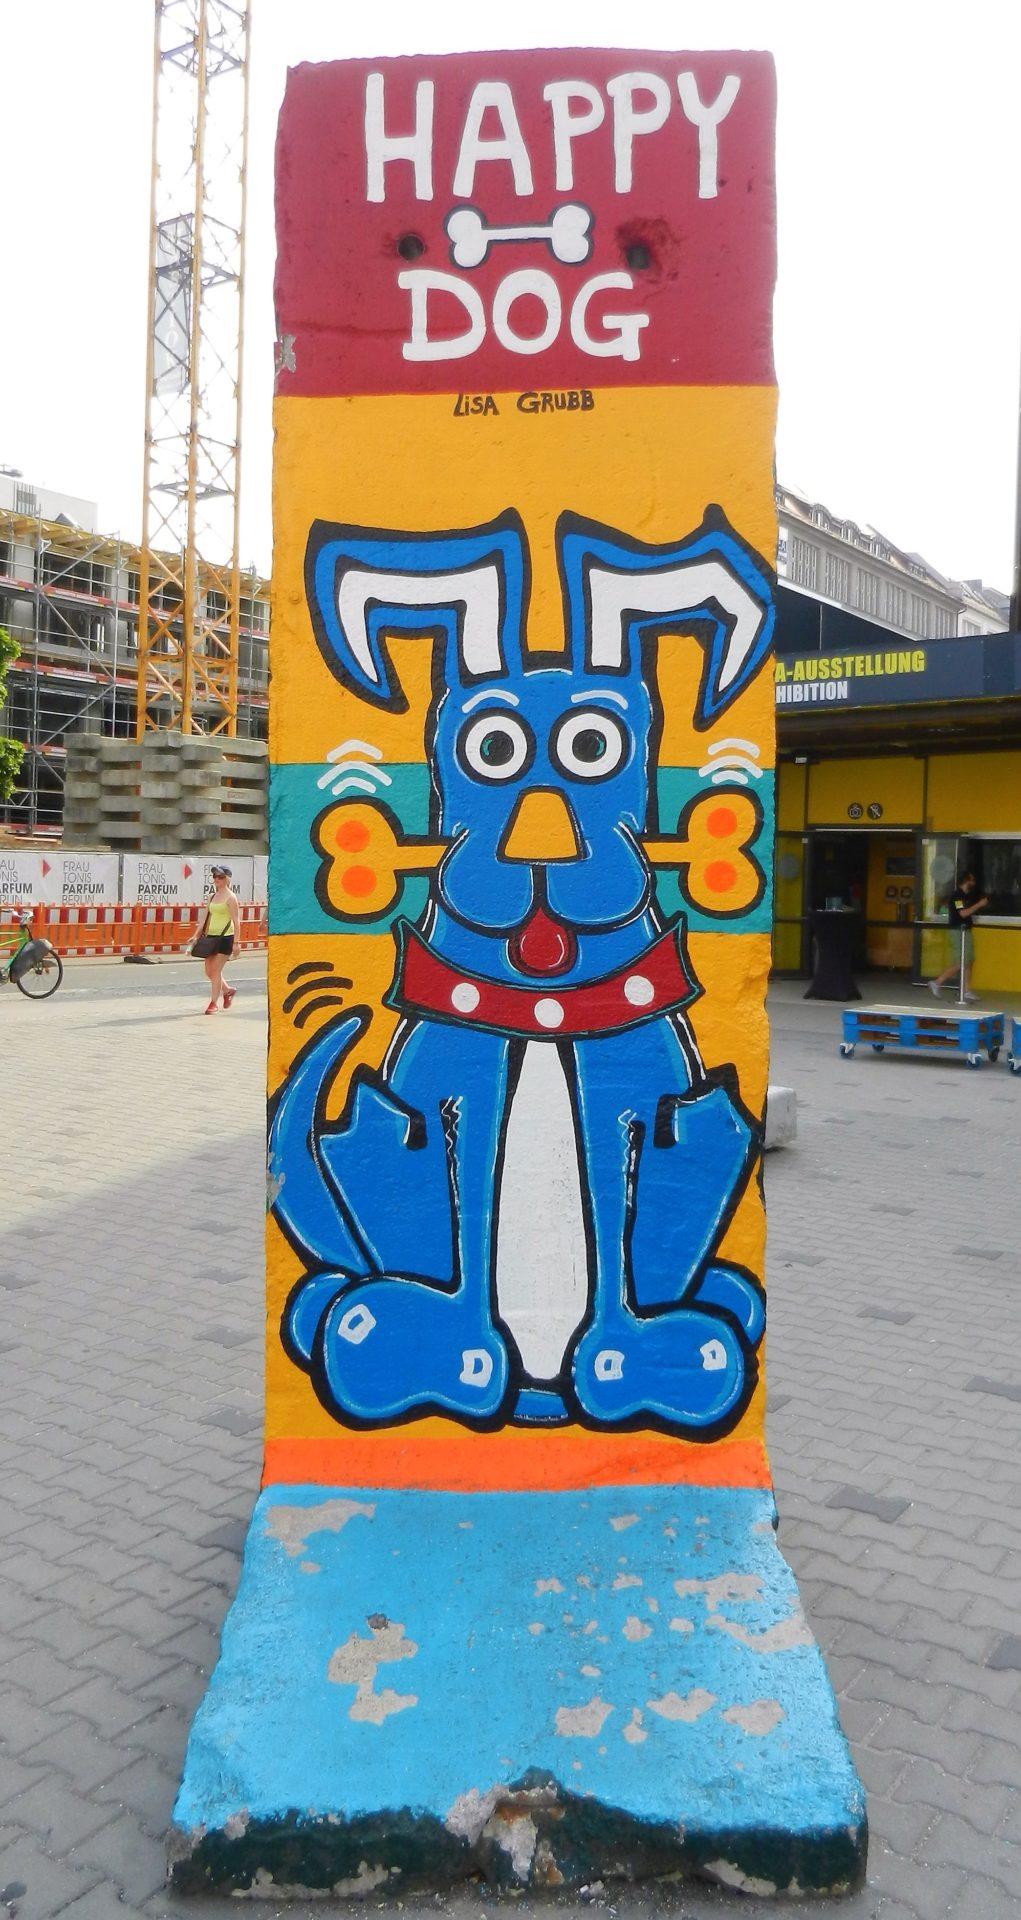 Berlin wall segment in Berlin, Germany